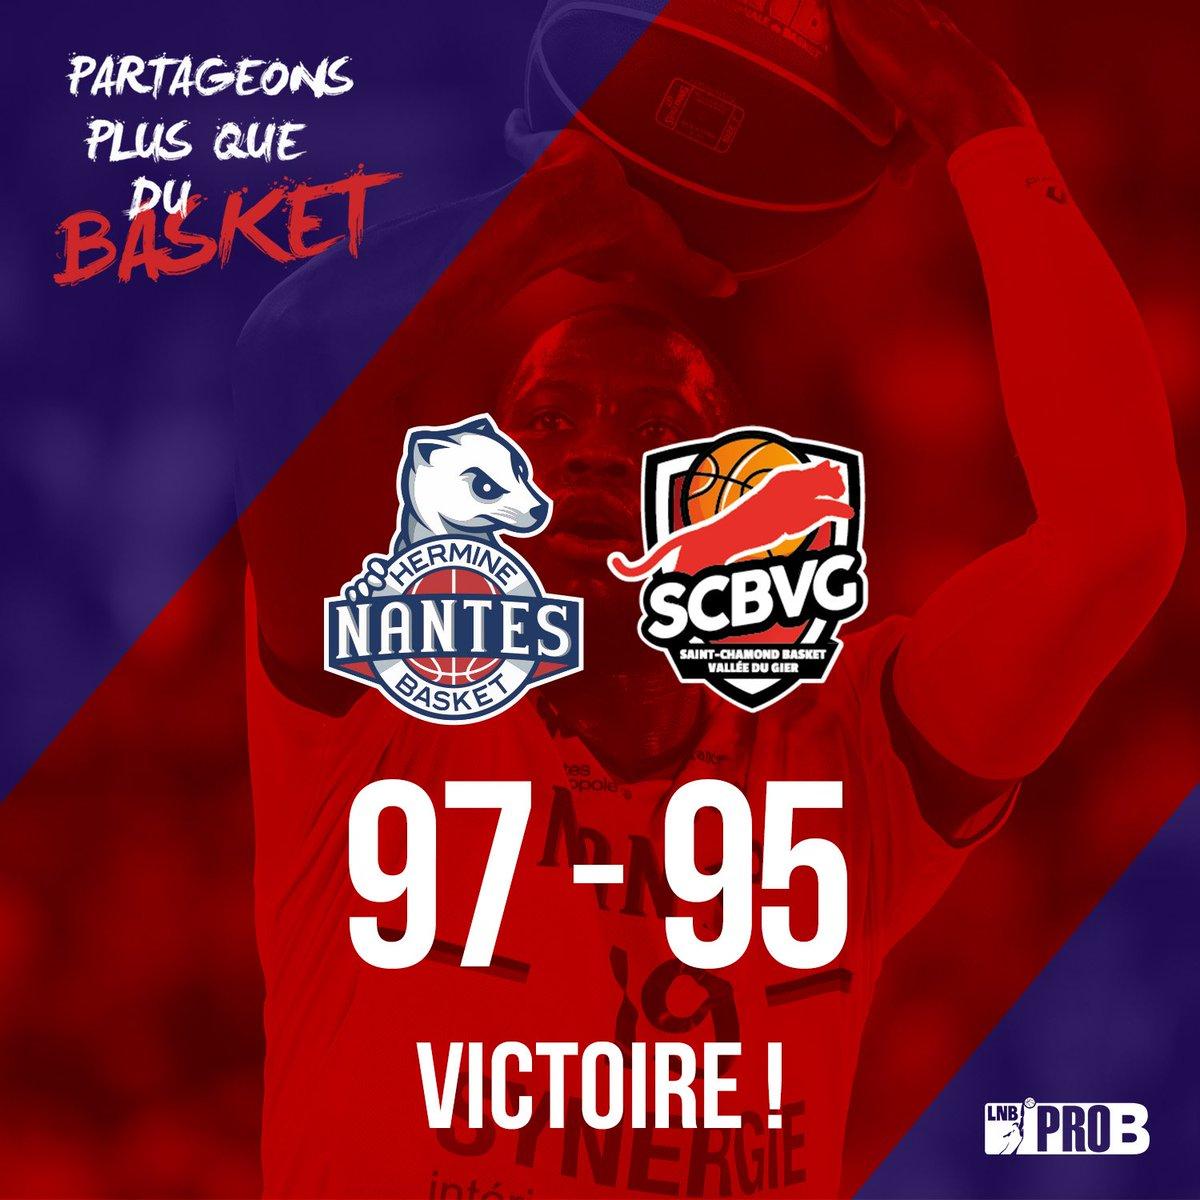 ⏱️ FM - VICTOOOOOIRE ! C'est désormais officiel : l'accession en playoffs se jouera lors de la toute dernière journée à @DENAIN_VOLTAIRE !  #NBH - @SCBVG  9⃣7⃣-9⃣5⃣  #LNB #PROB #NBHLive